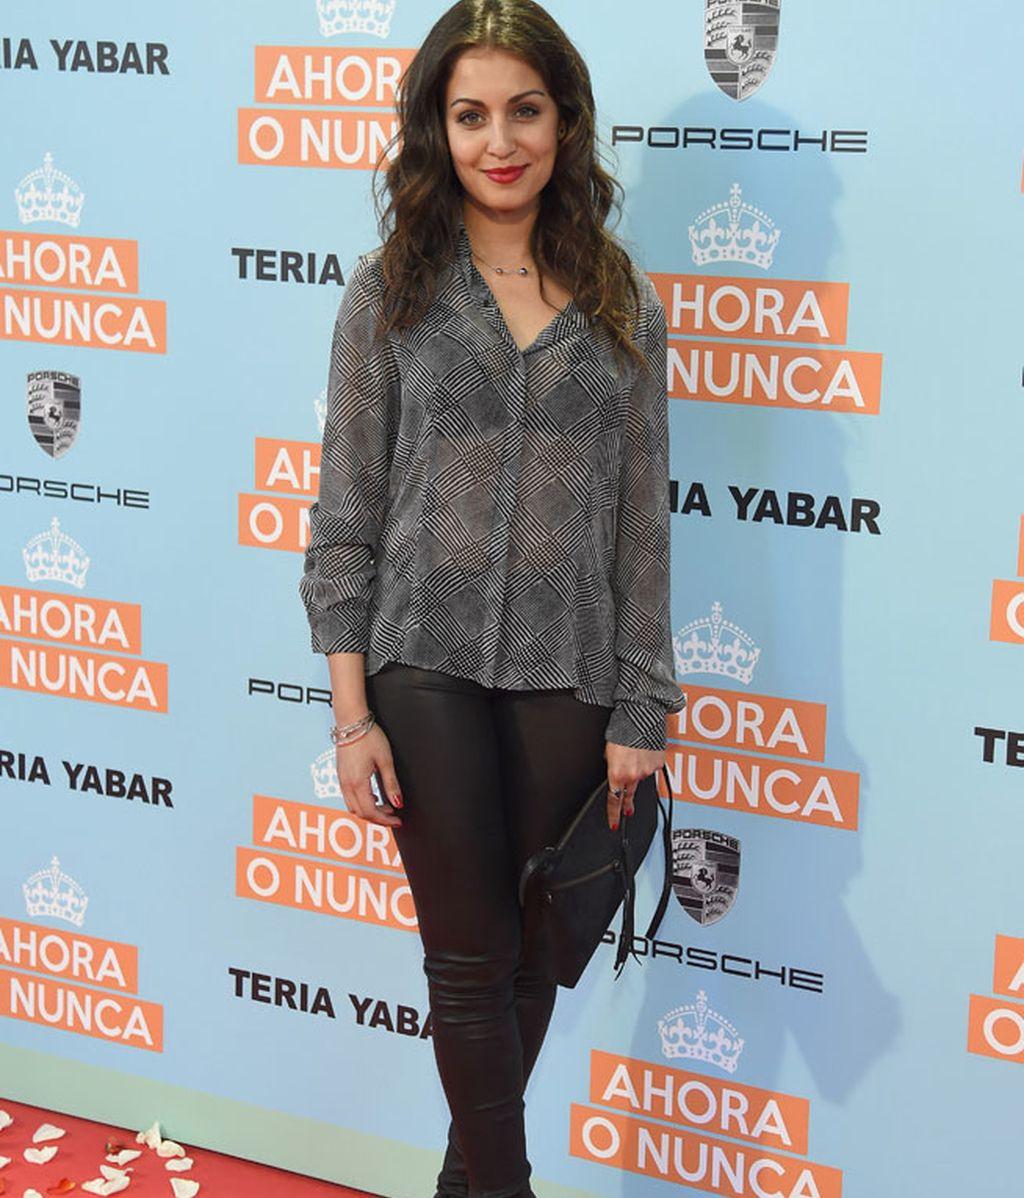 Hiba Abouk con camisa transparente y leggins de cuero